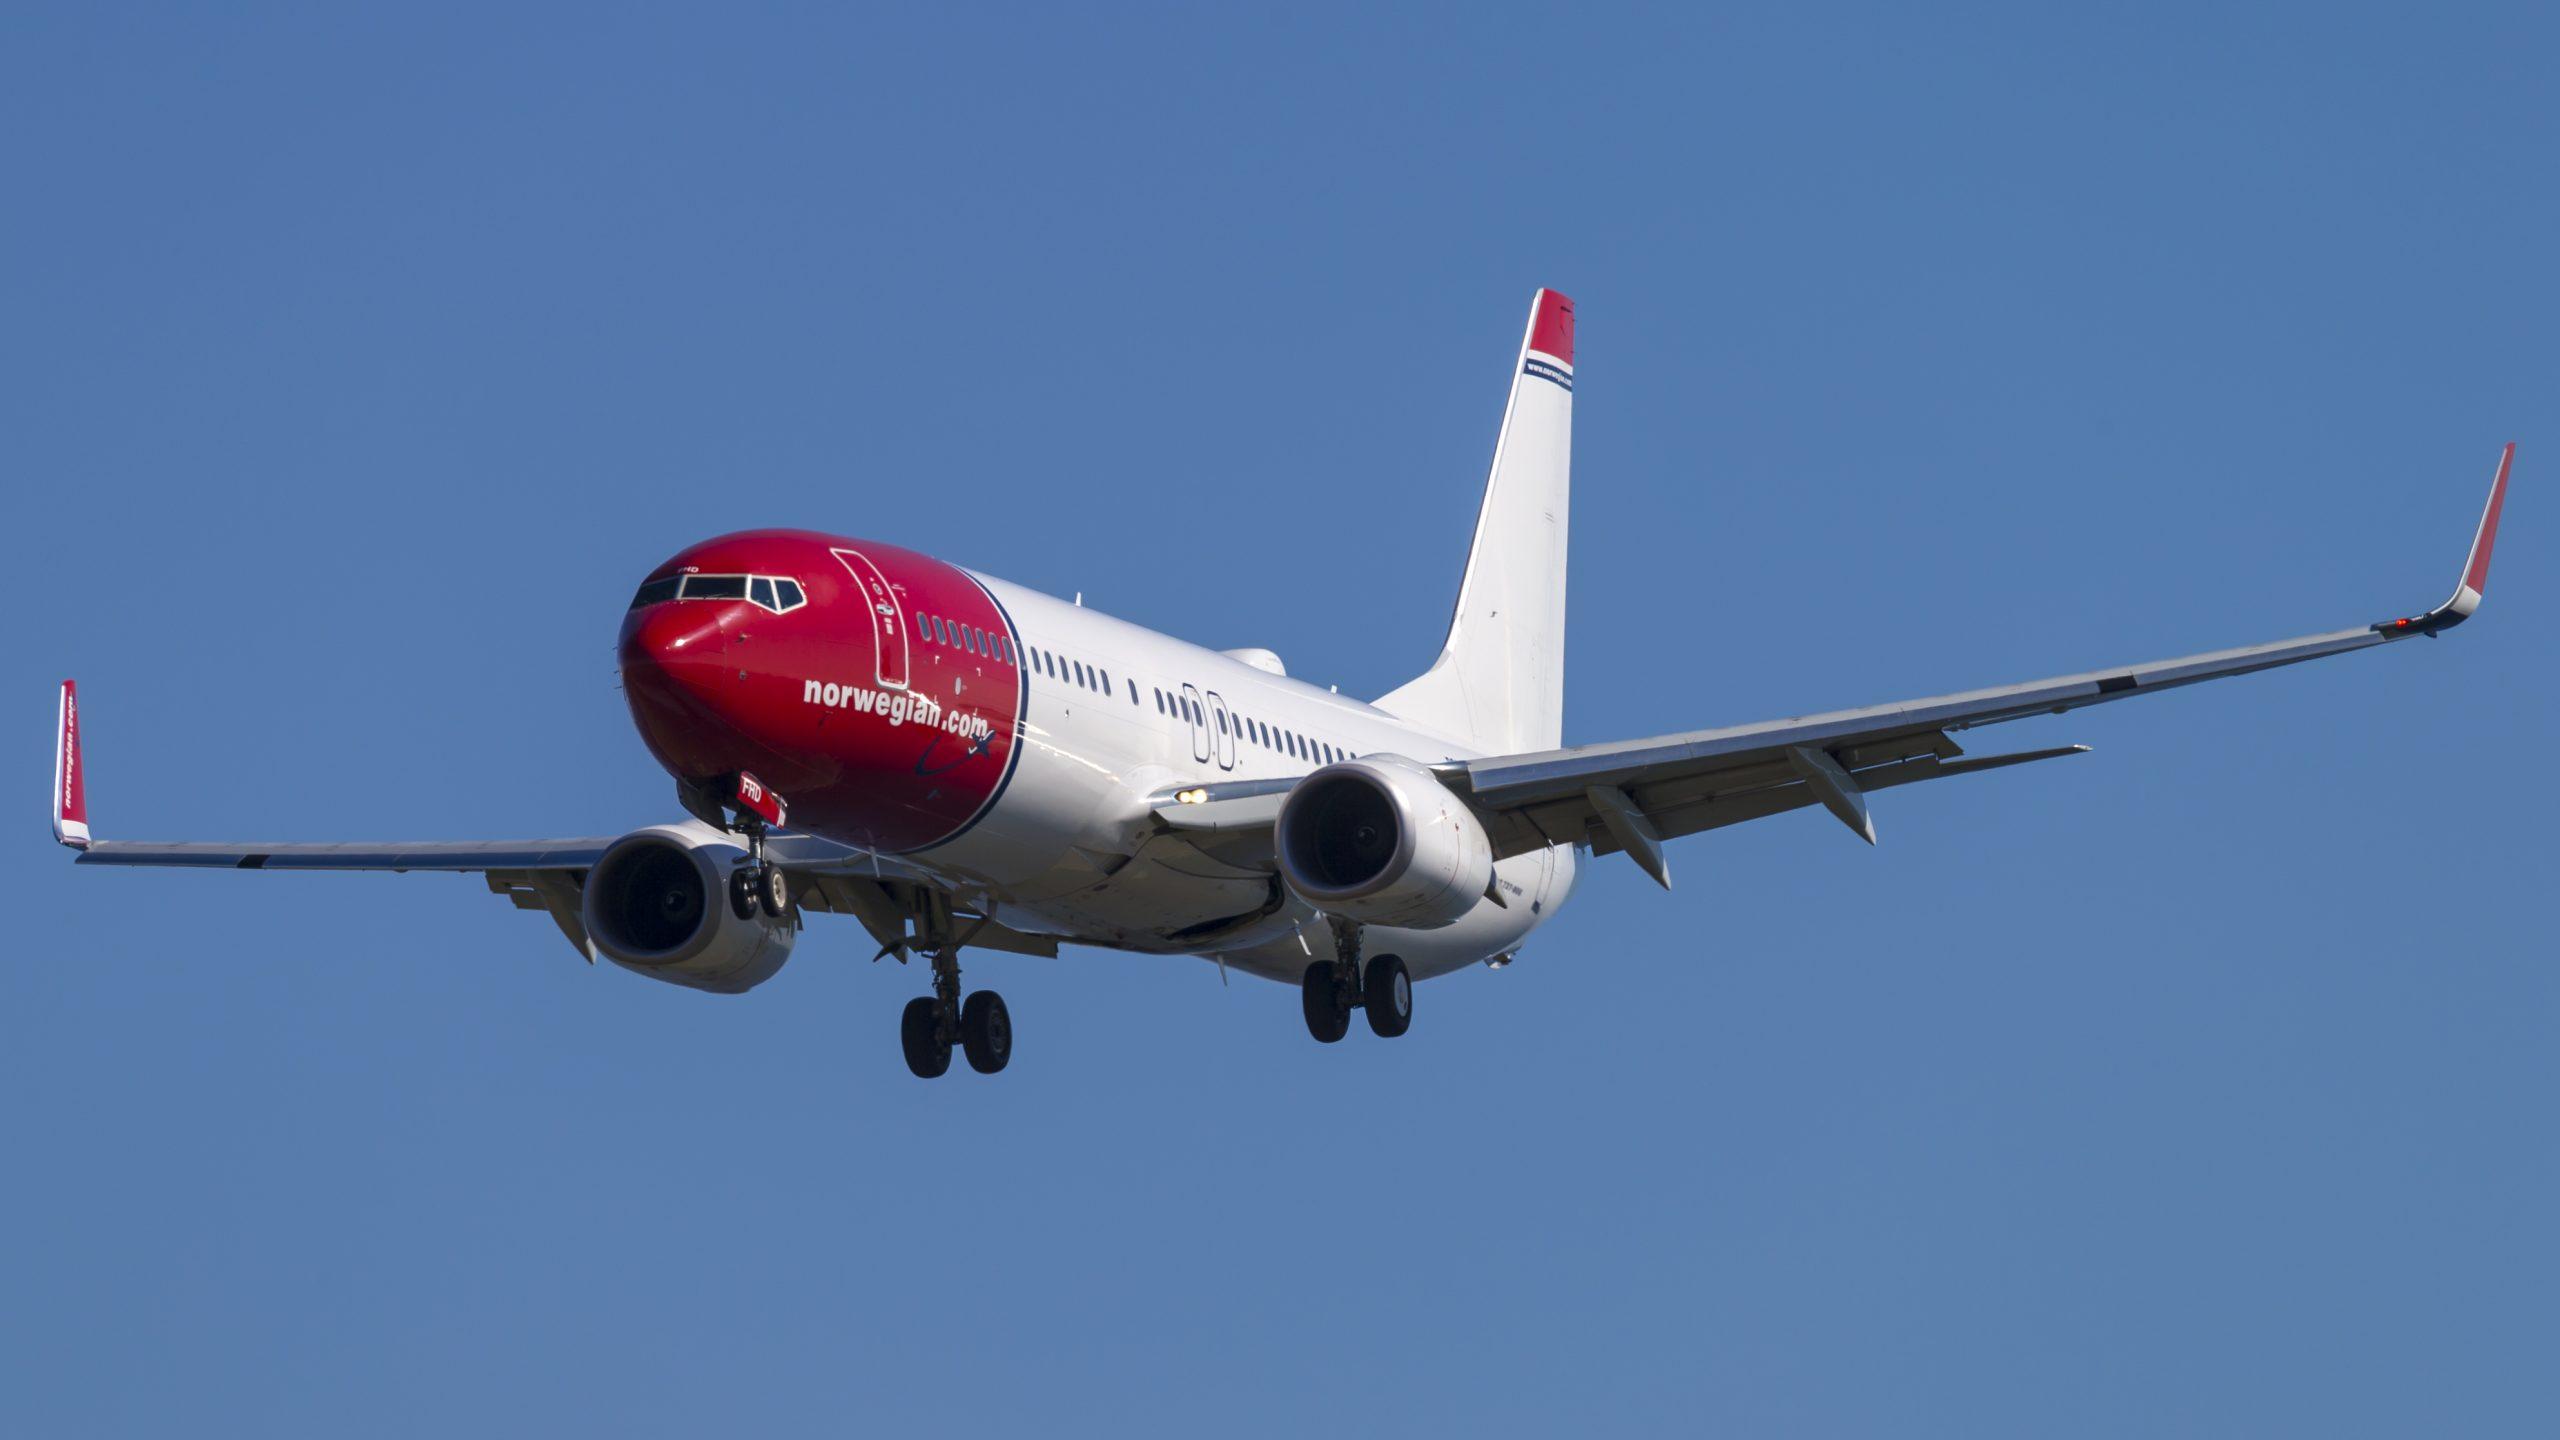 Boeing 737-800 fra Norwegian under landing i Københavns Lufthavn. (Foto: © Thorbjørn Brunander Sund | Danish Aviation Photo)